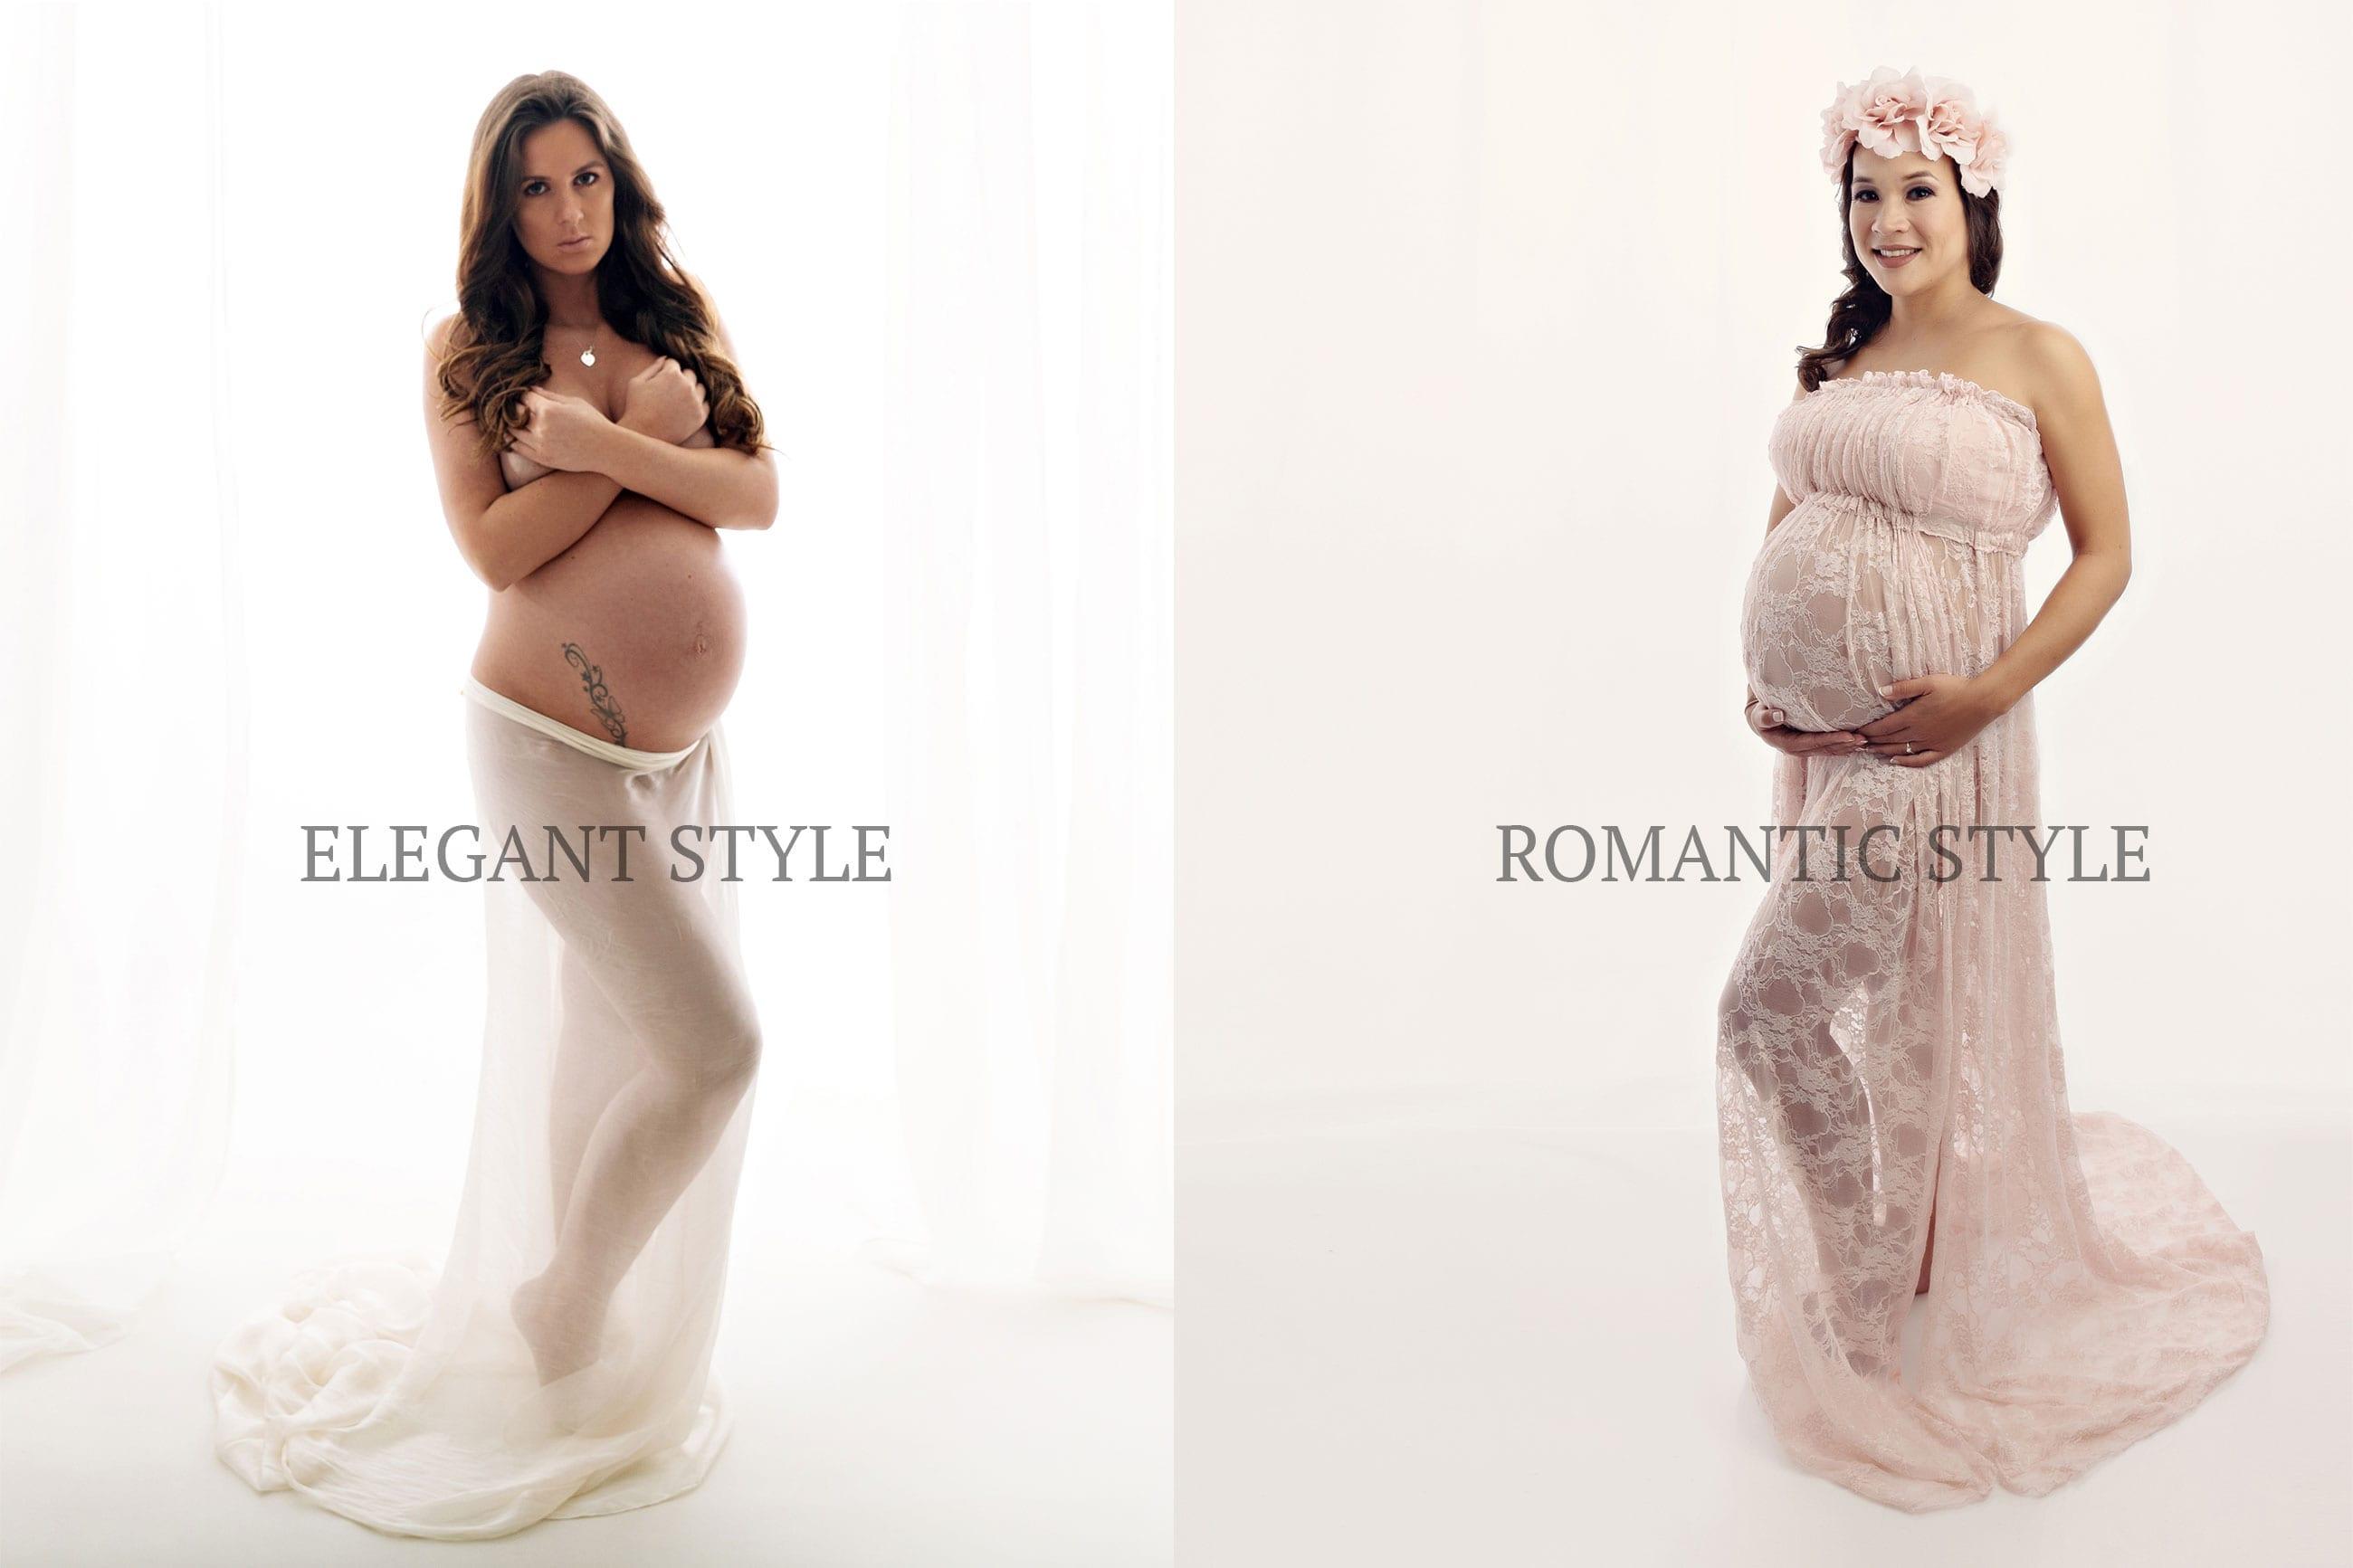 Babybauch Shooting fuer Schwangerschaftsfotografie Muenchen Elegant Style und Romantic Style